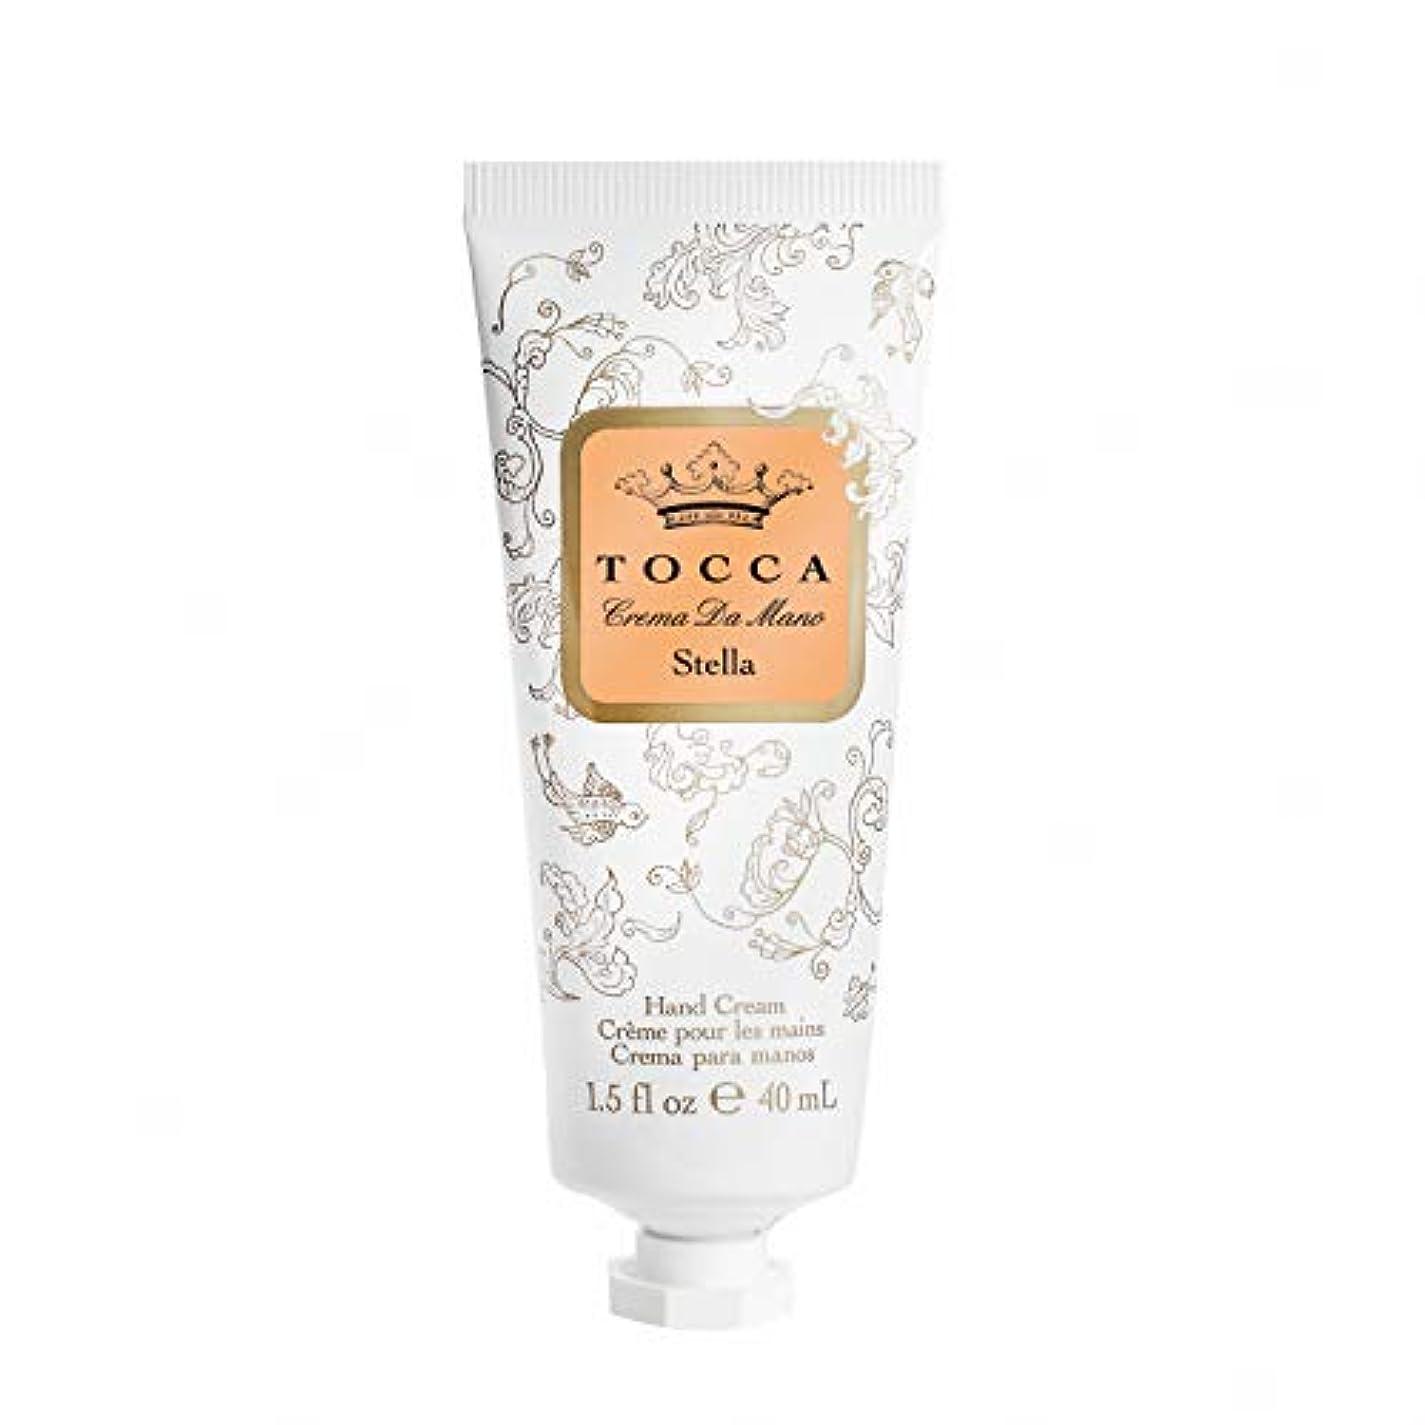 デマンド意味するクラストッカ(TOCCA) ハンドクリーム ステラの香り 40mL (手指用保湿 イタリアンブラッドオレンジが奏でるフレッシュでビターな爽やかさ漂う香り)